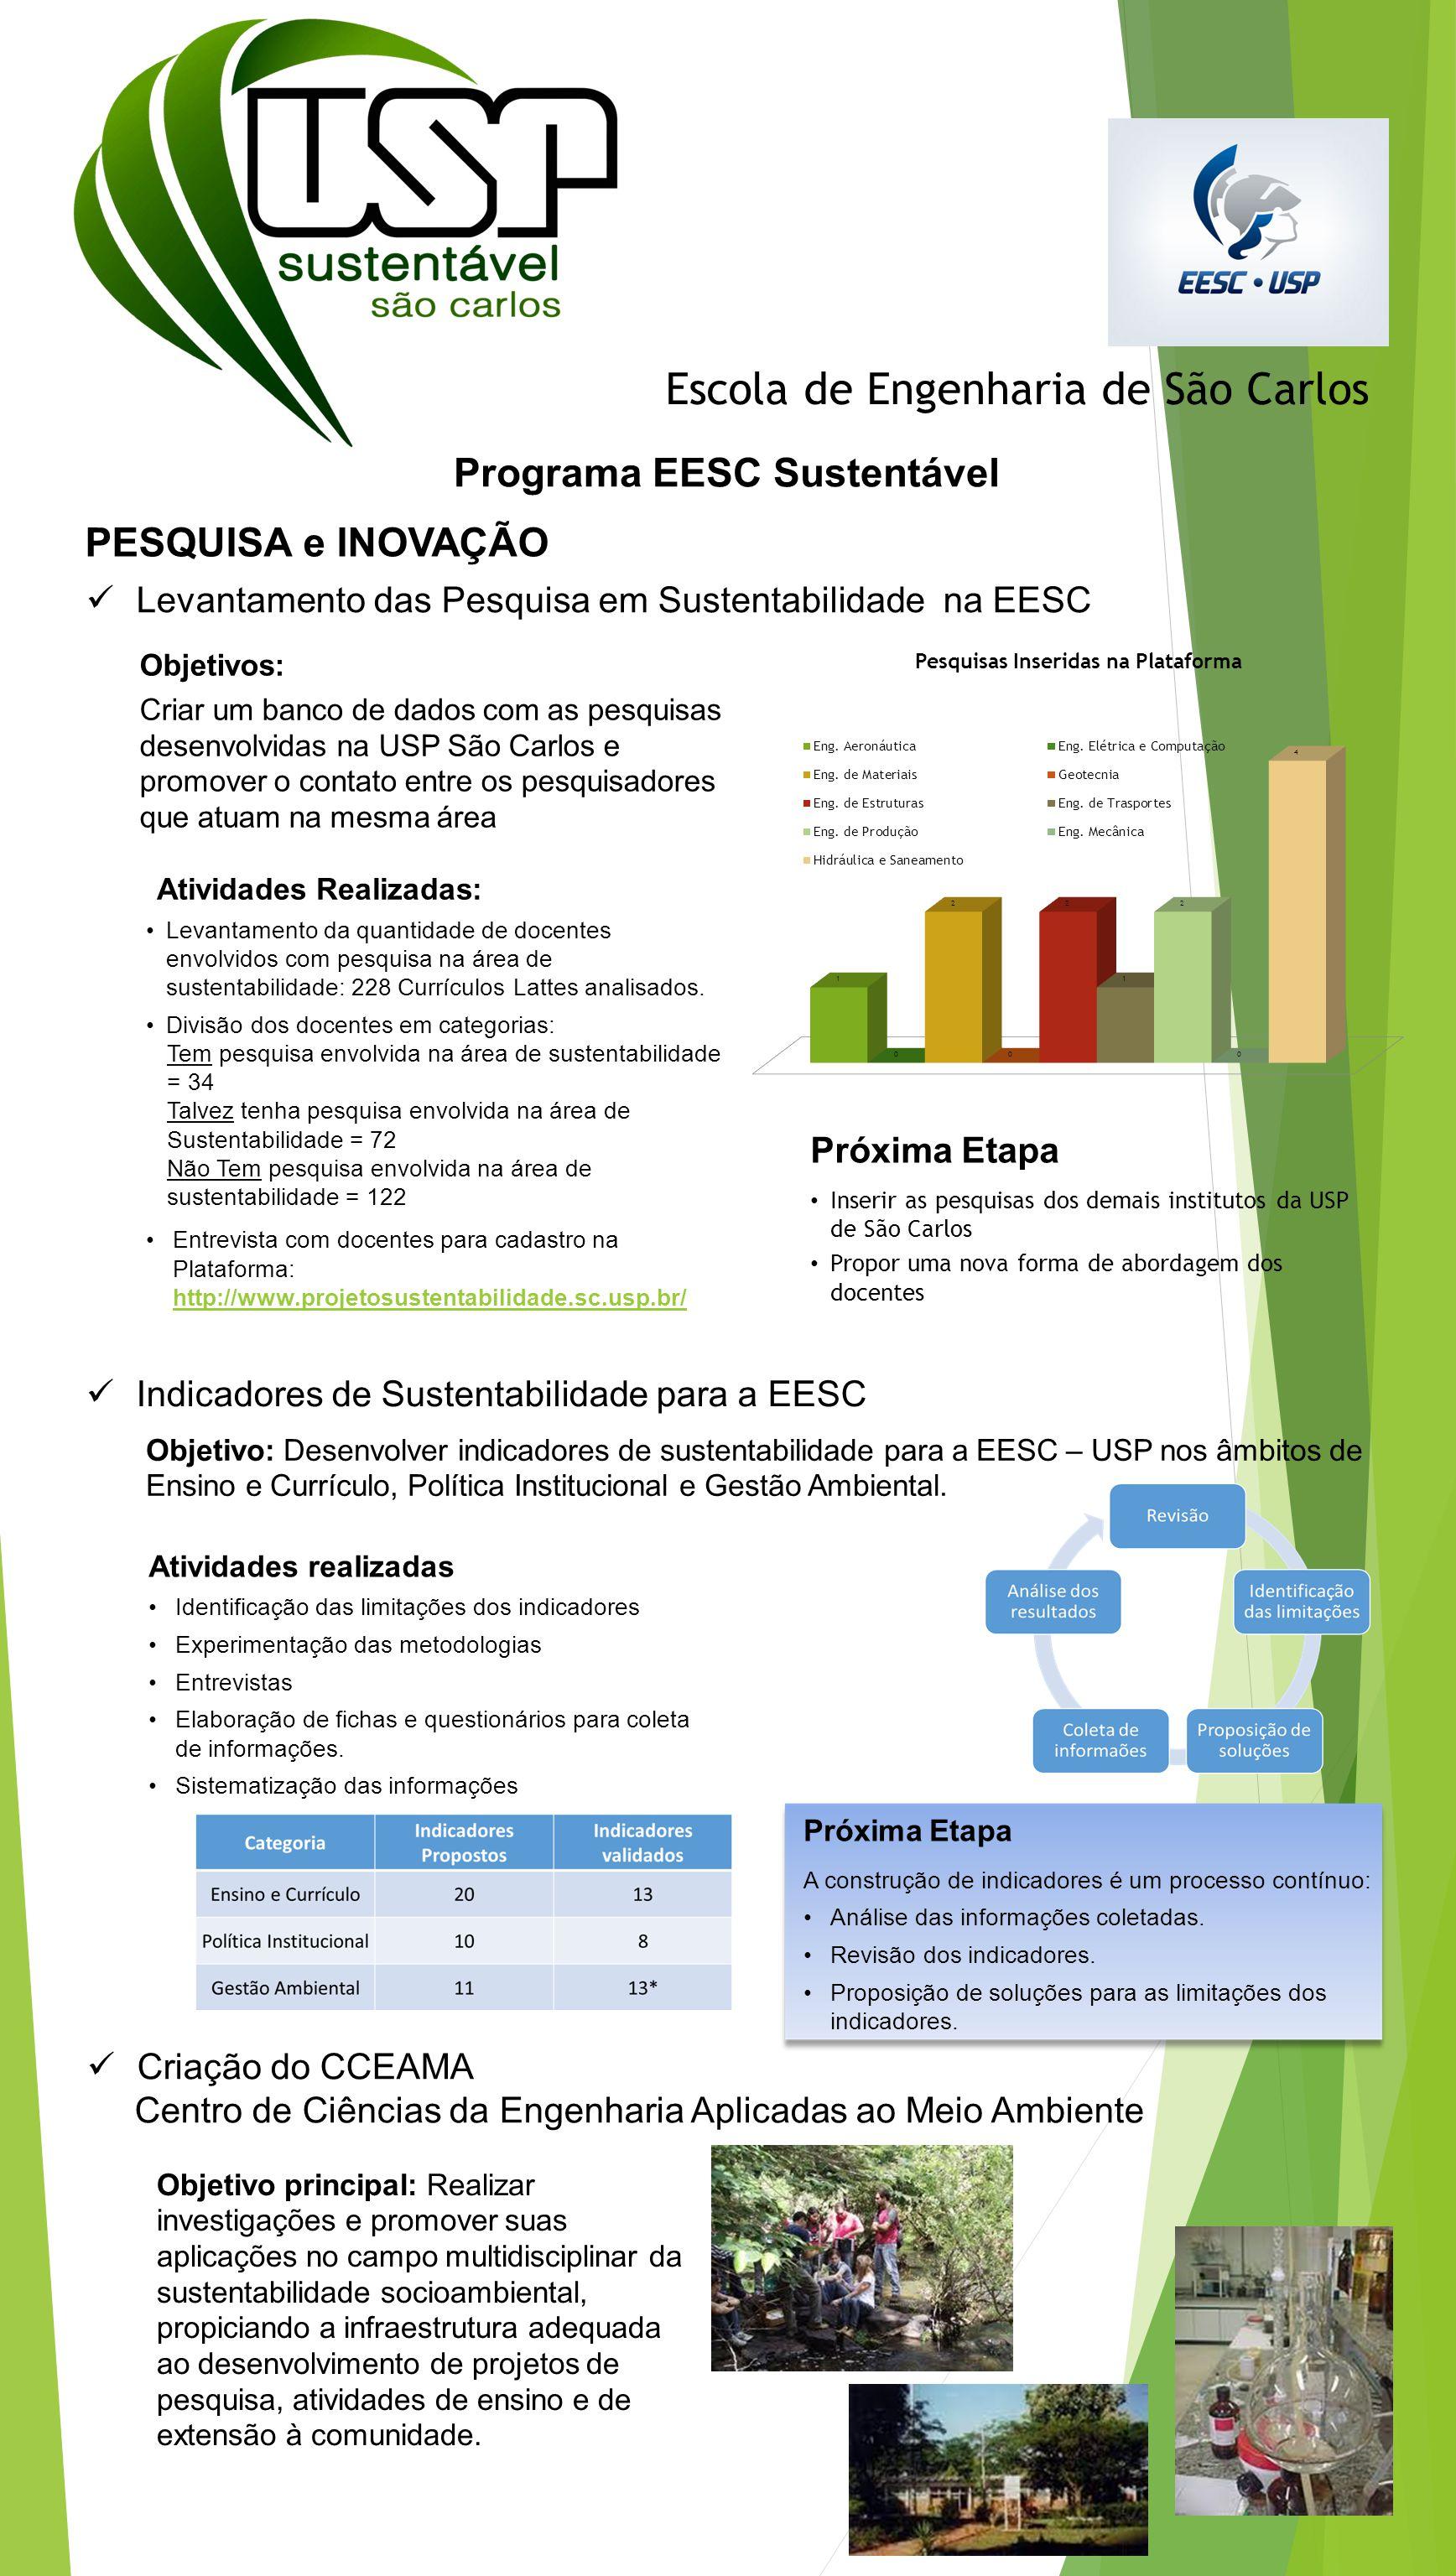 Escola de Engenharia de São Carlos Programa EESC Sustentável Objetivos: Criar um banco de dados com as pesquisas desenvolvidas na USP São Carlos e pro